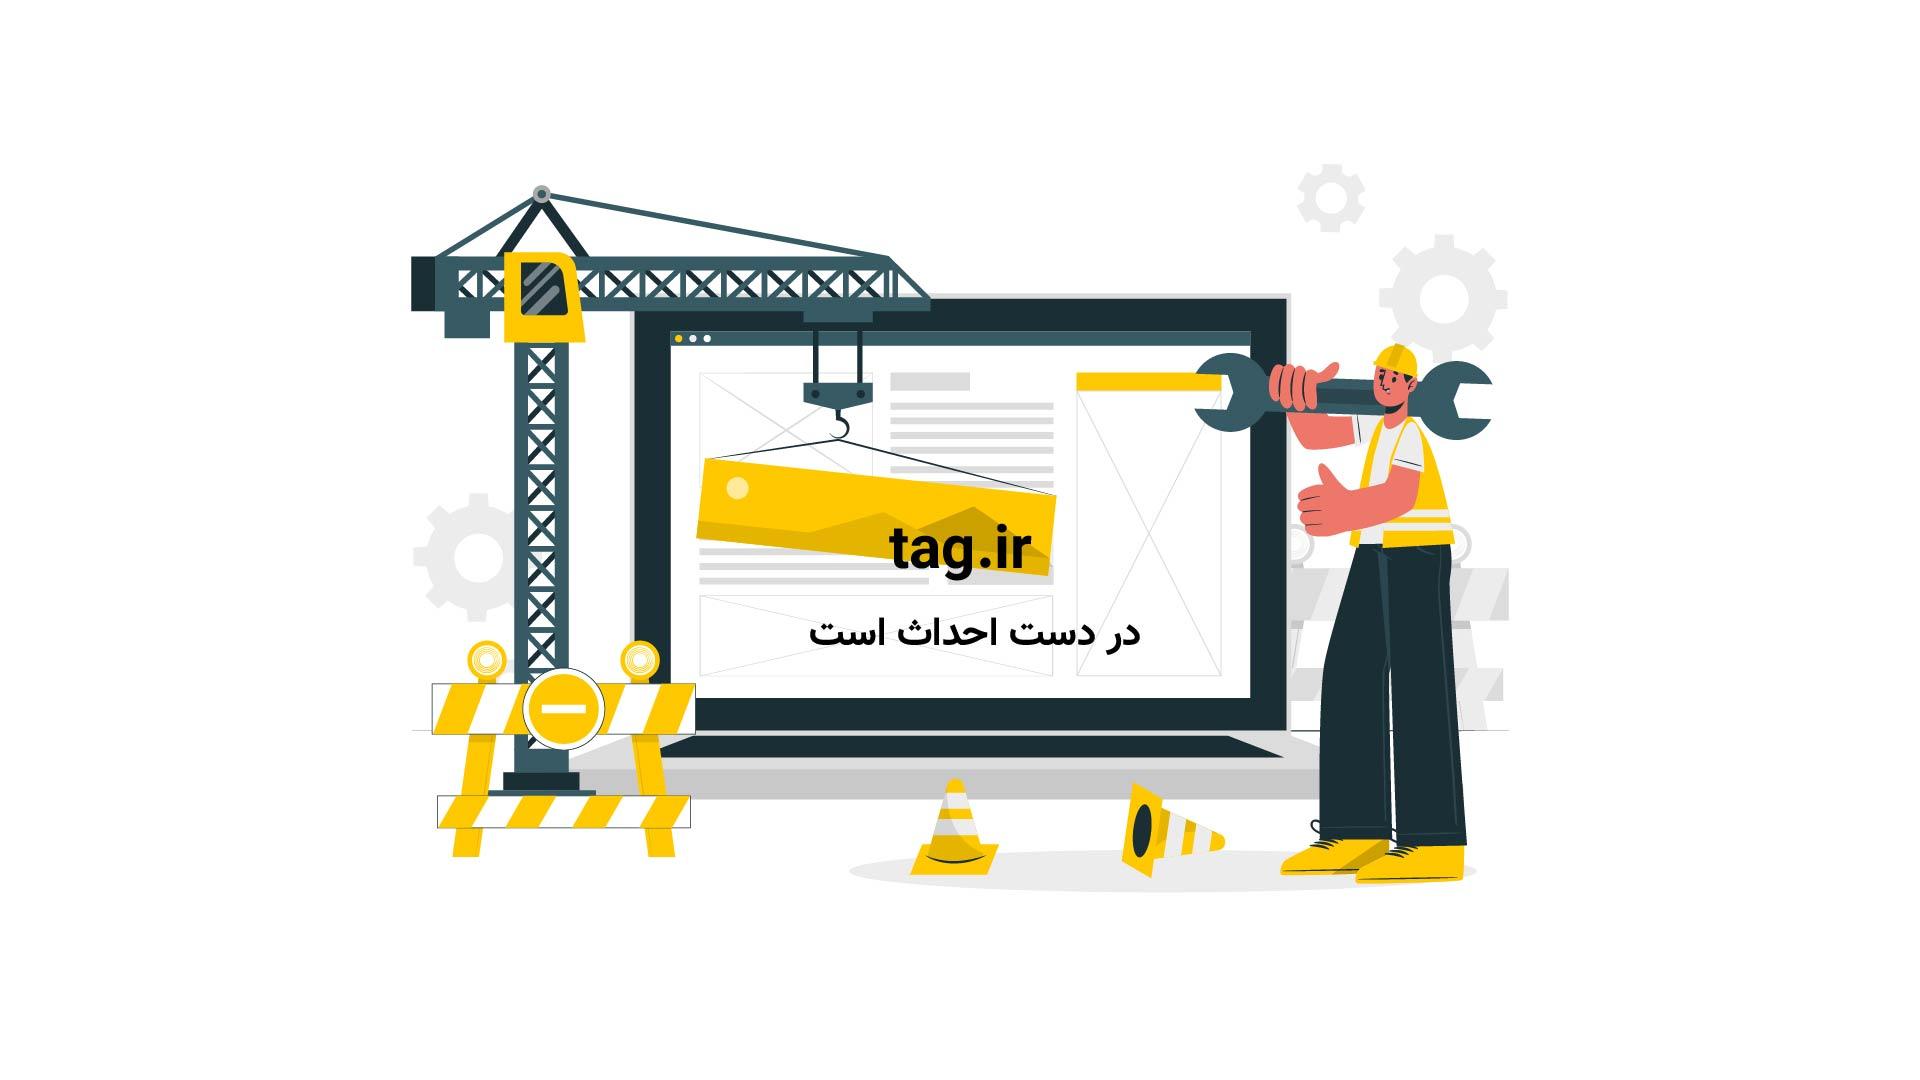 ۱۰ فوتبالیست مشهور که در خانوادهای فقیر بزرگ شدند   فیلم